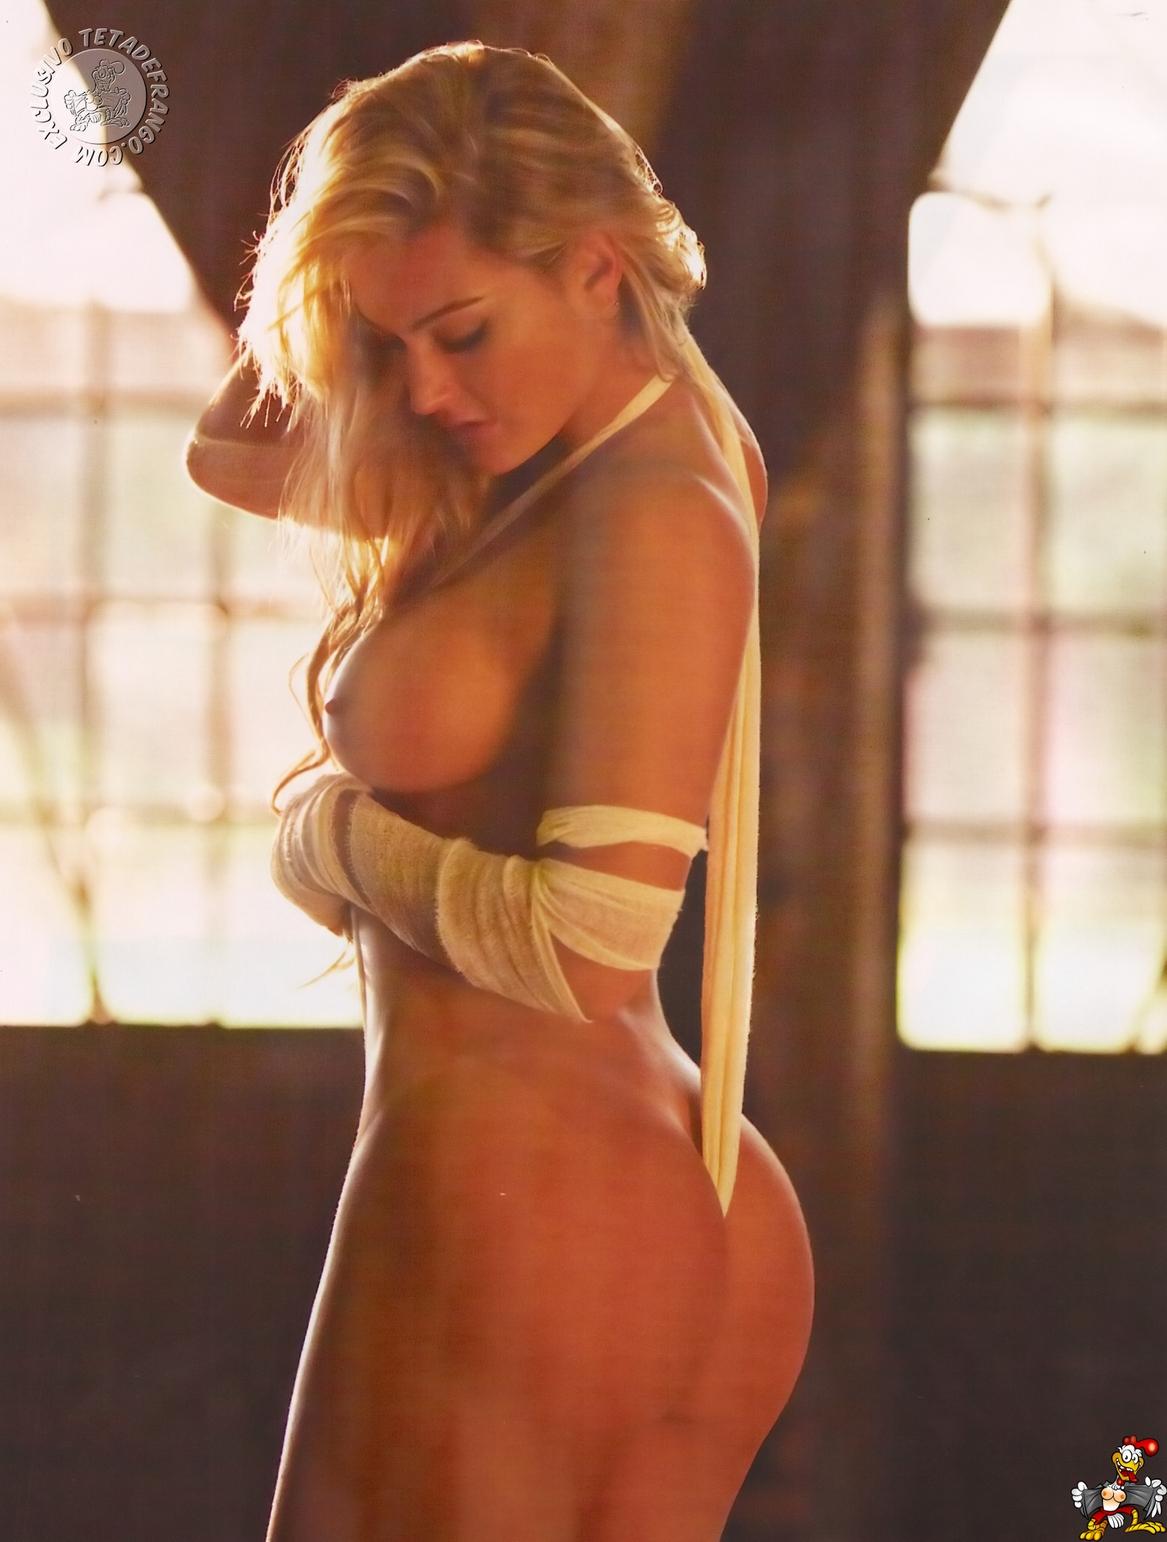 Laura Keller Nua Na Playboy Veja Fotos Totalmente Pelada E Sem Cortes